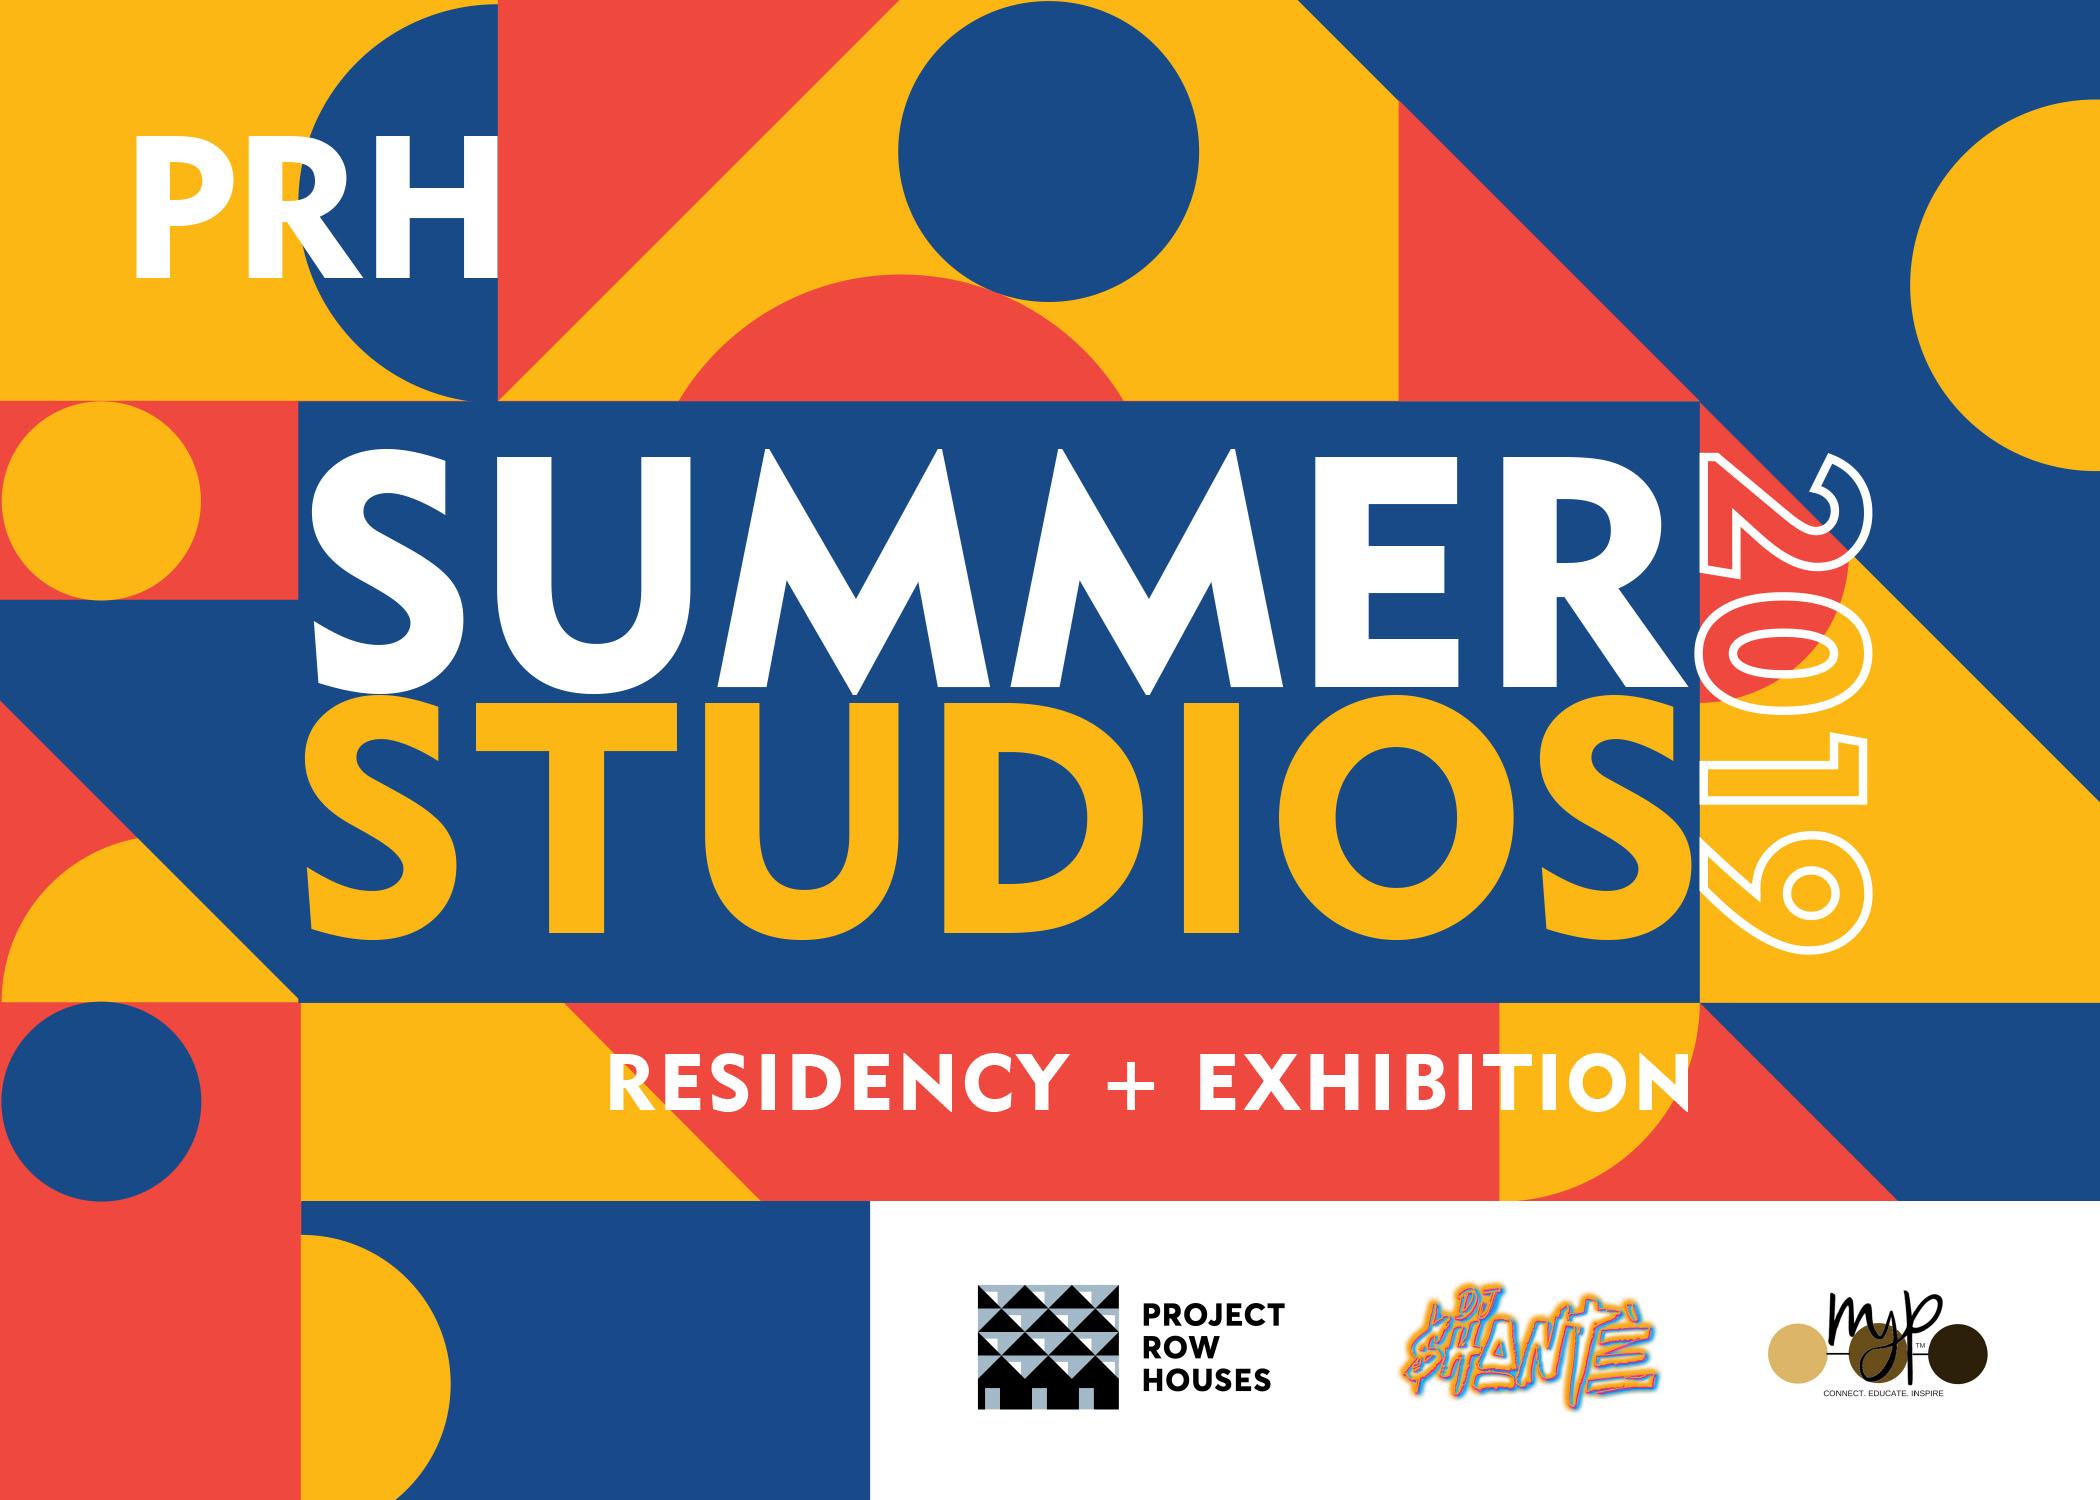 prh_summerstudios2019_r1-1.jpg